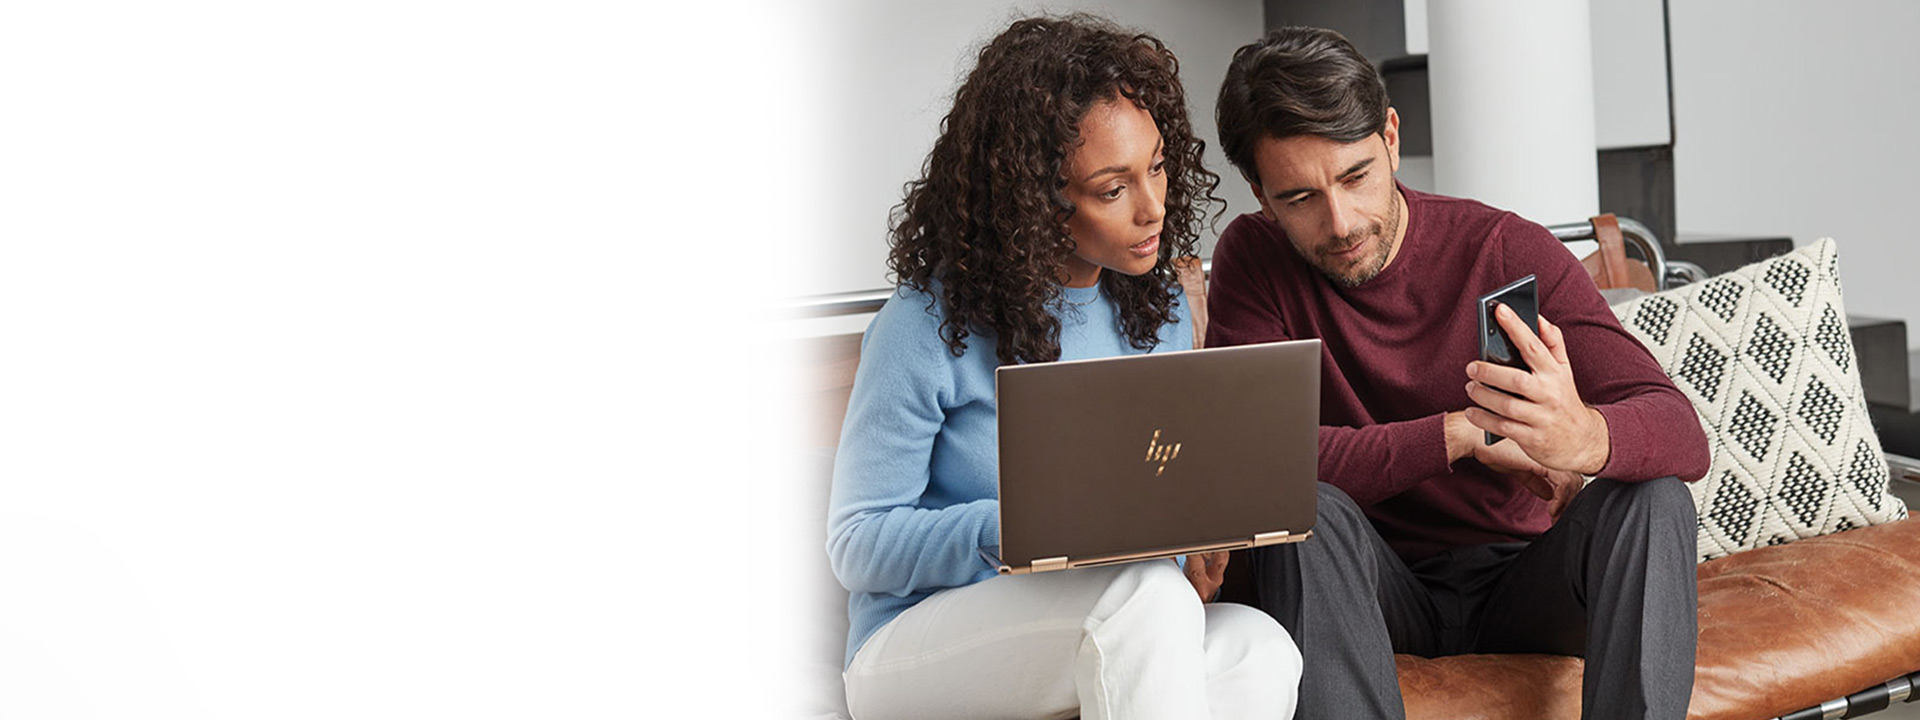 En kvinna och en man sitter i en soffa och tittar på en bärbar Windows 10-dator och en mobil enhet tillsammans